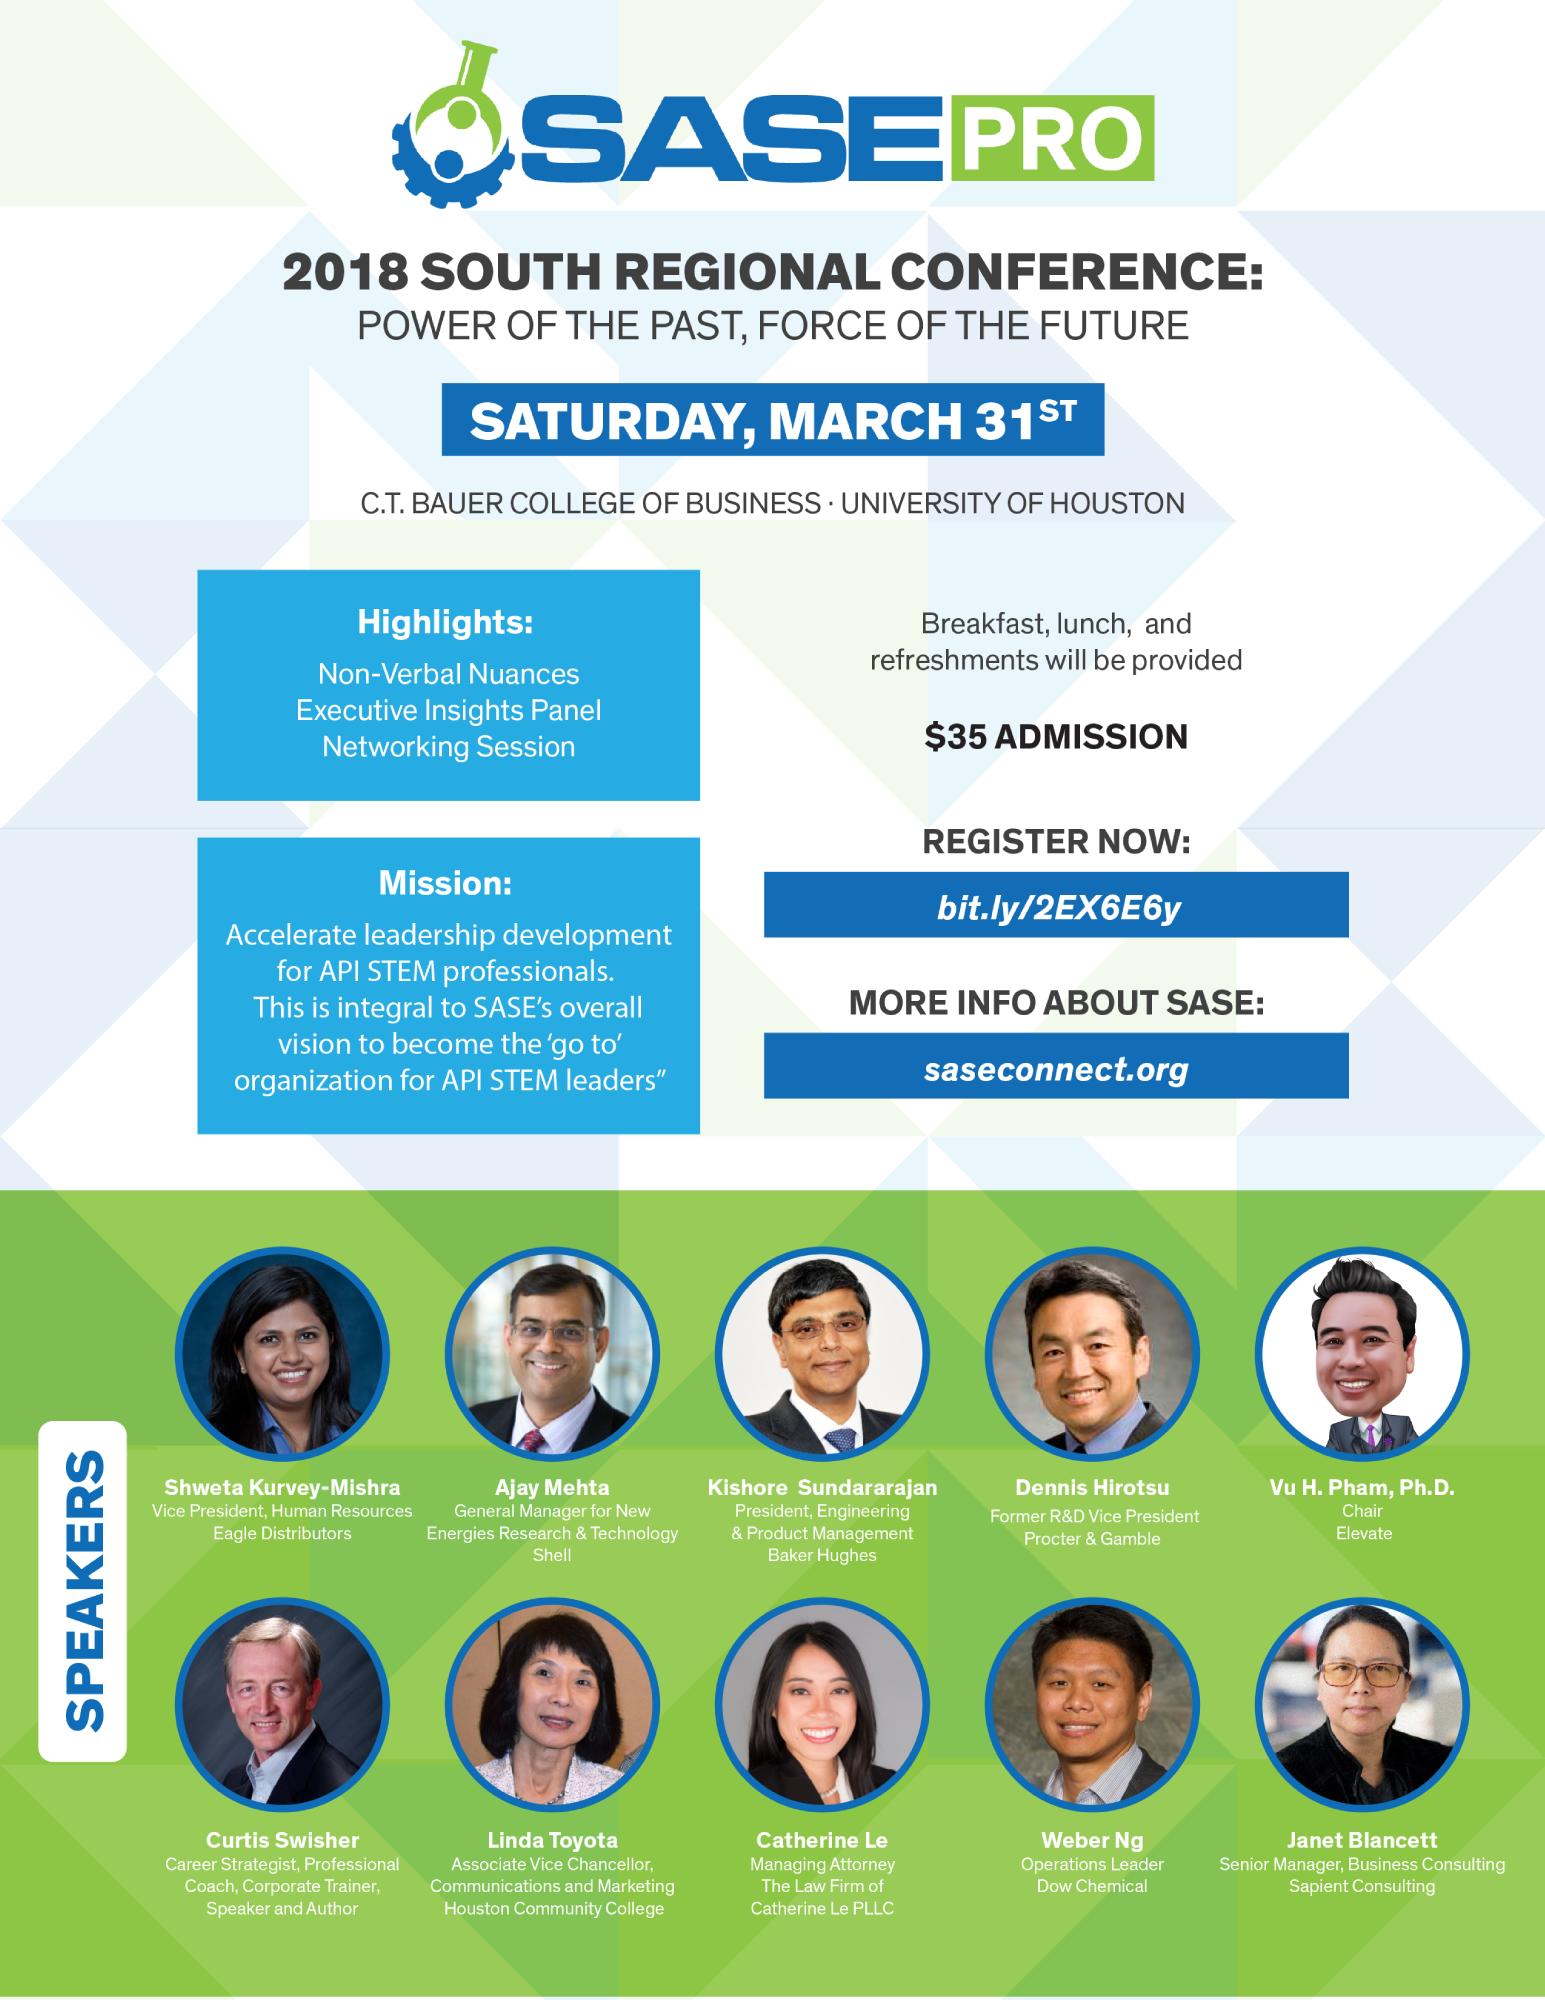 SASEPRO Regional Conference 2018